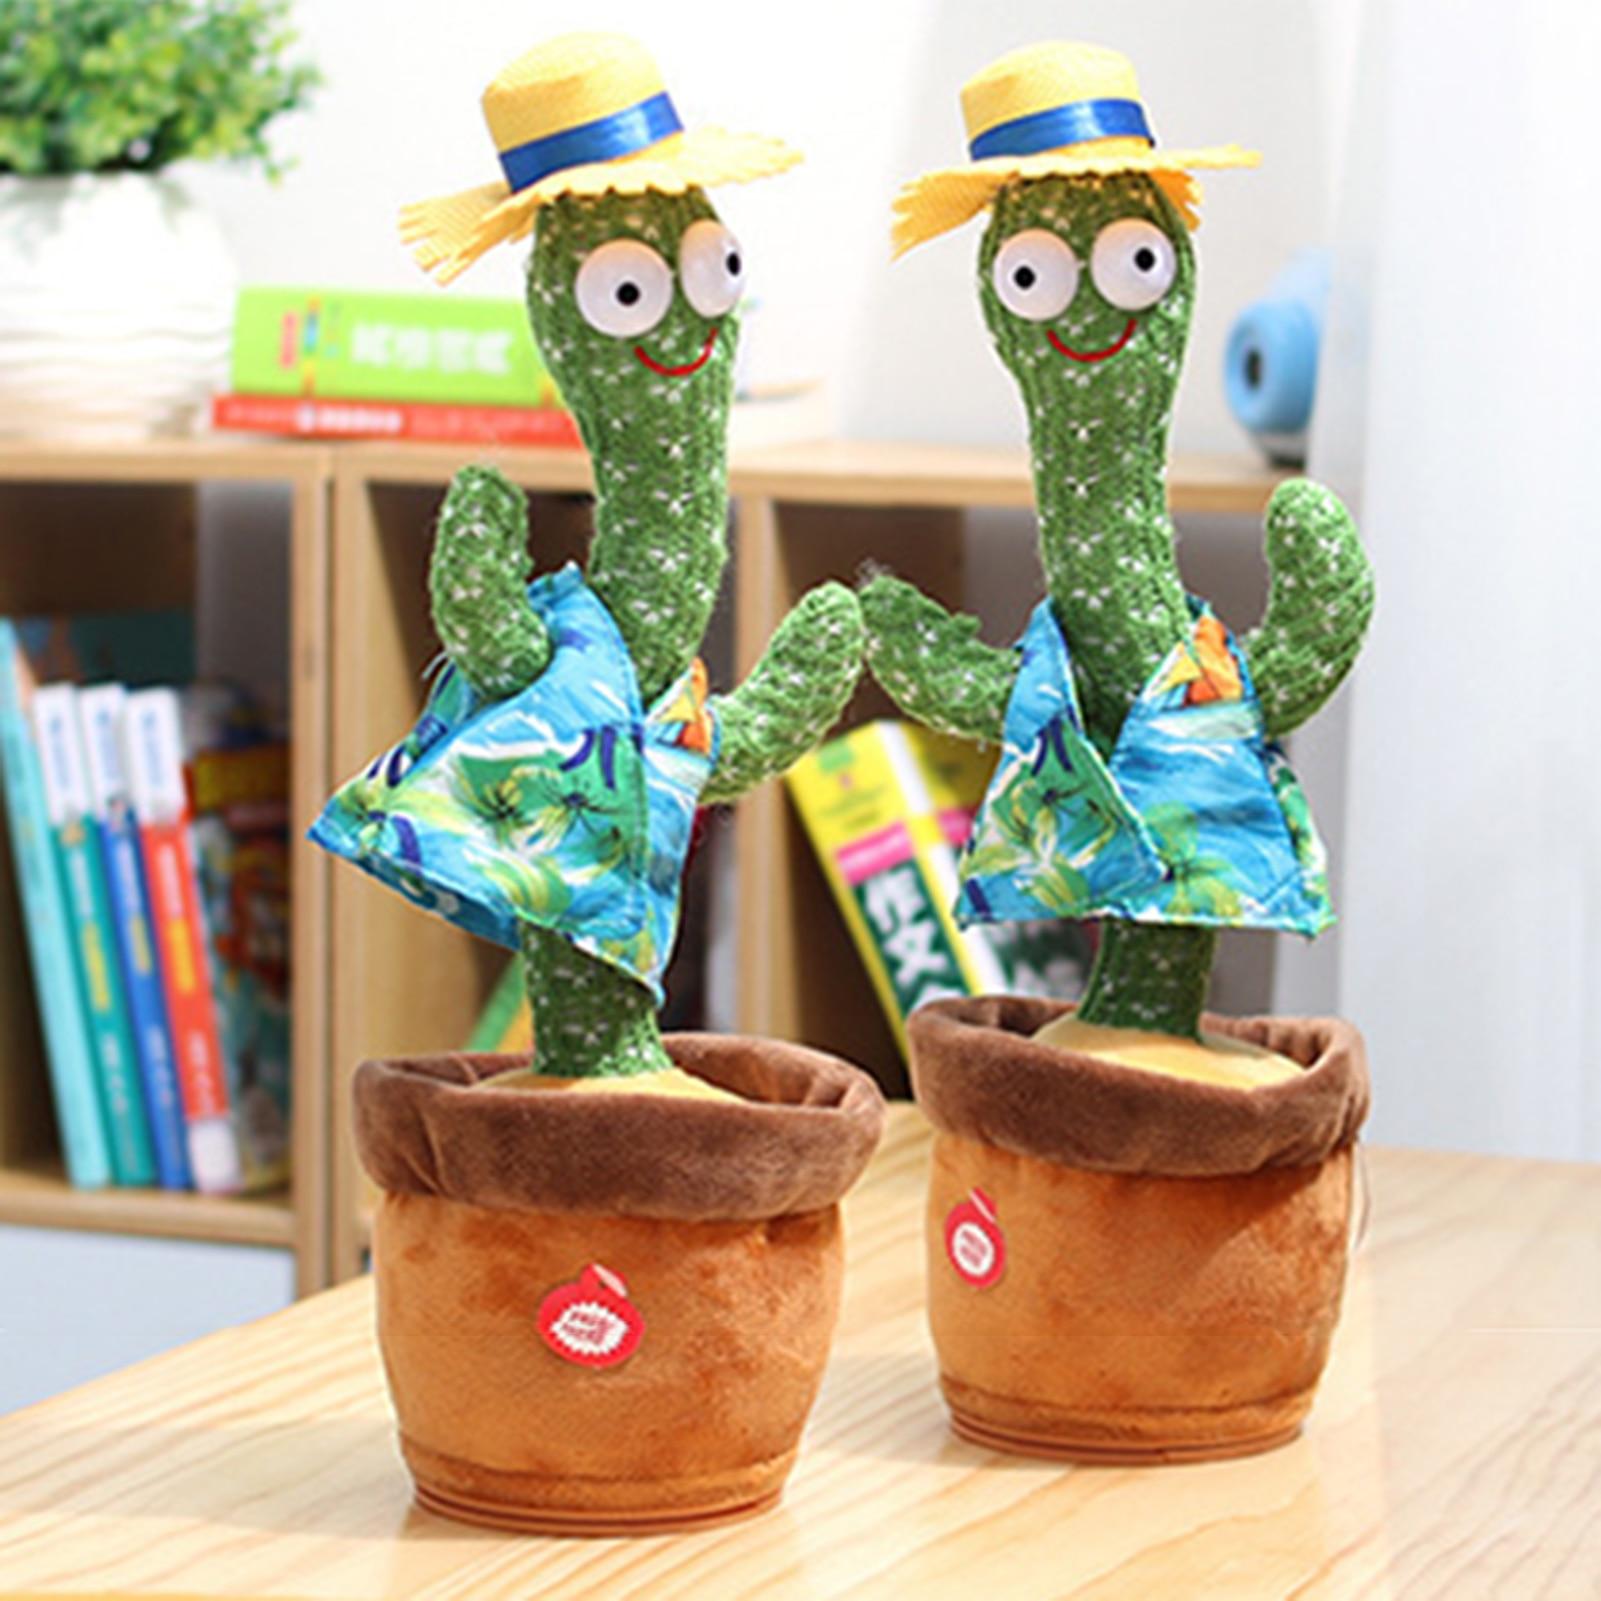 Мягкие игрушки для детей, Плюшевые танцы/пение кактуса